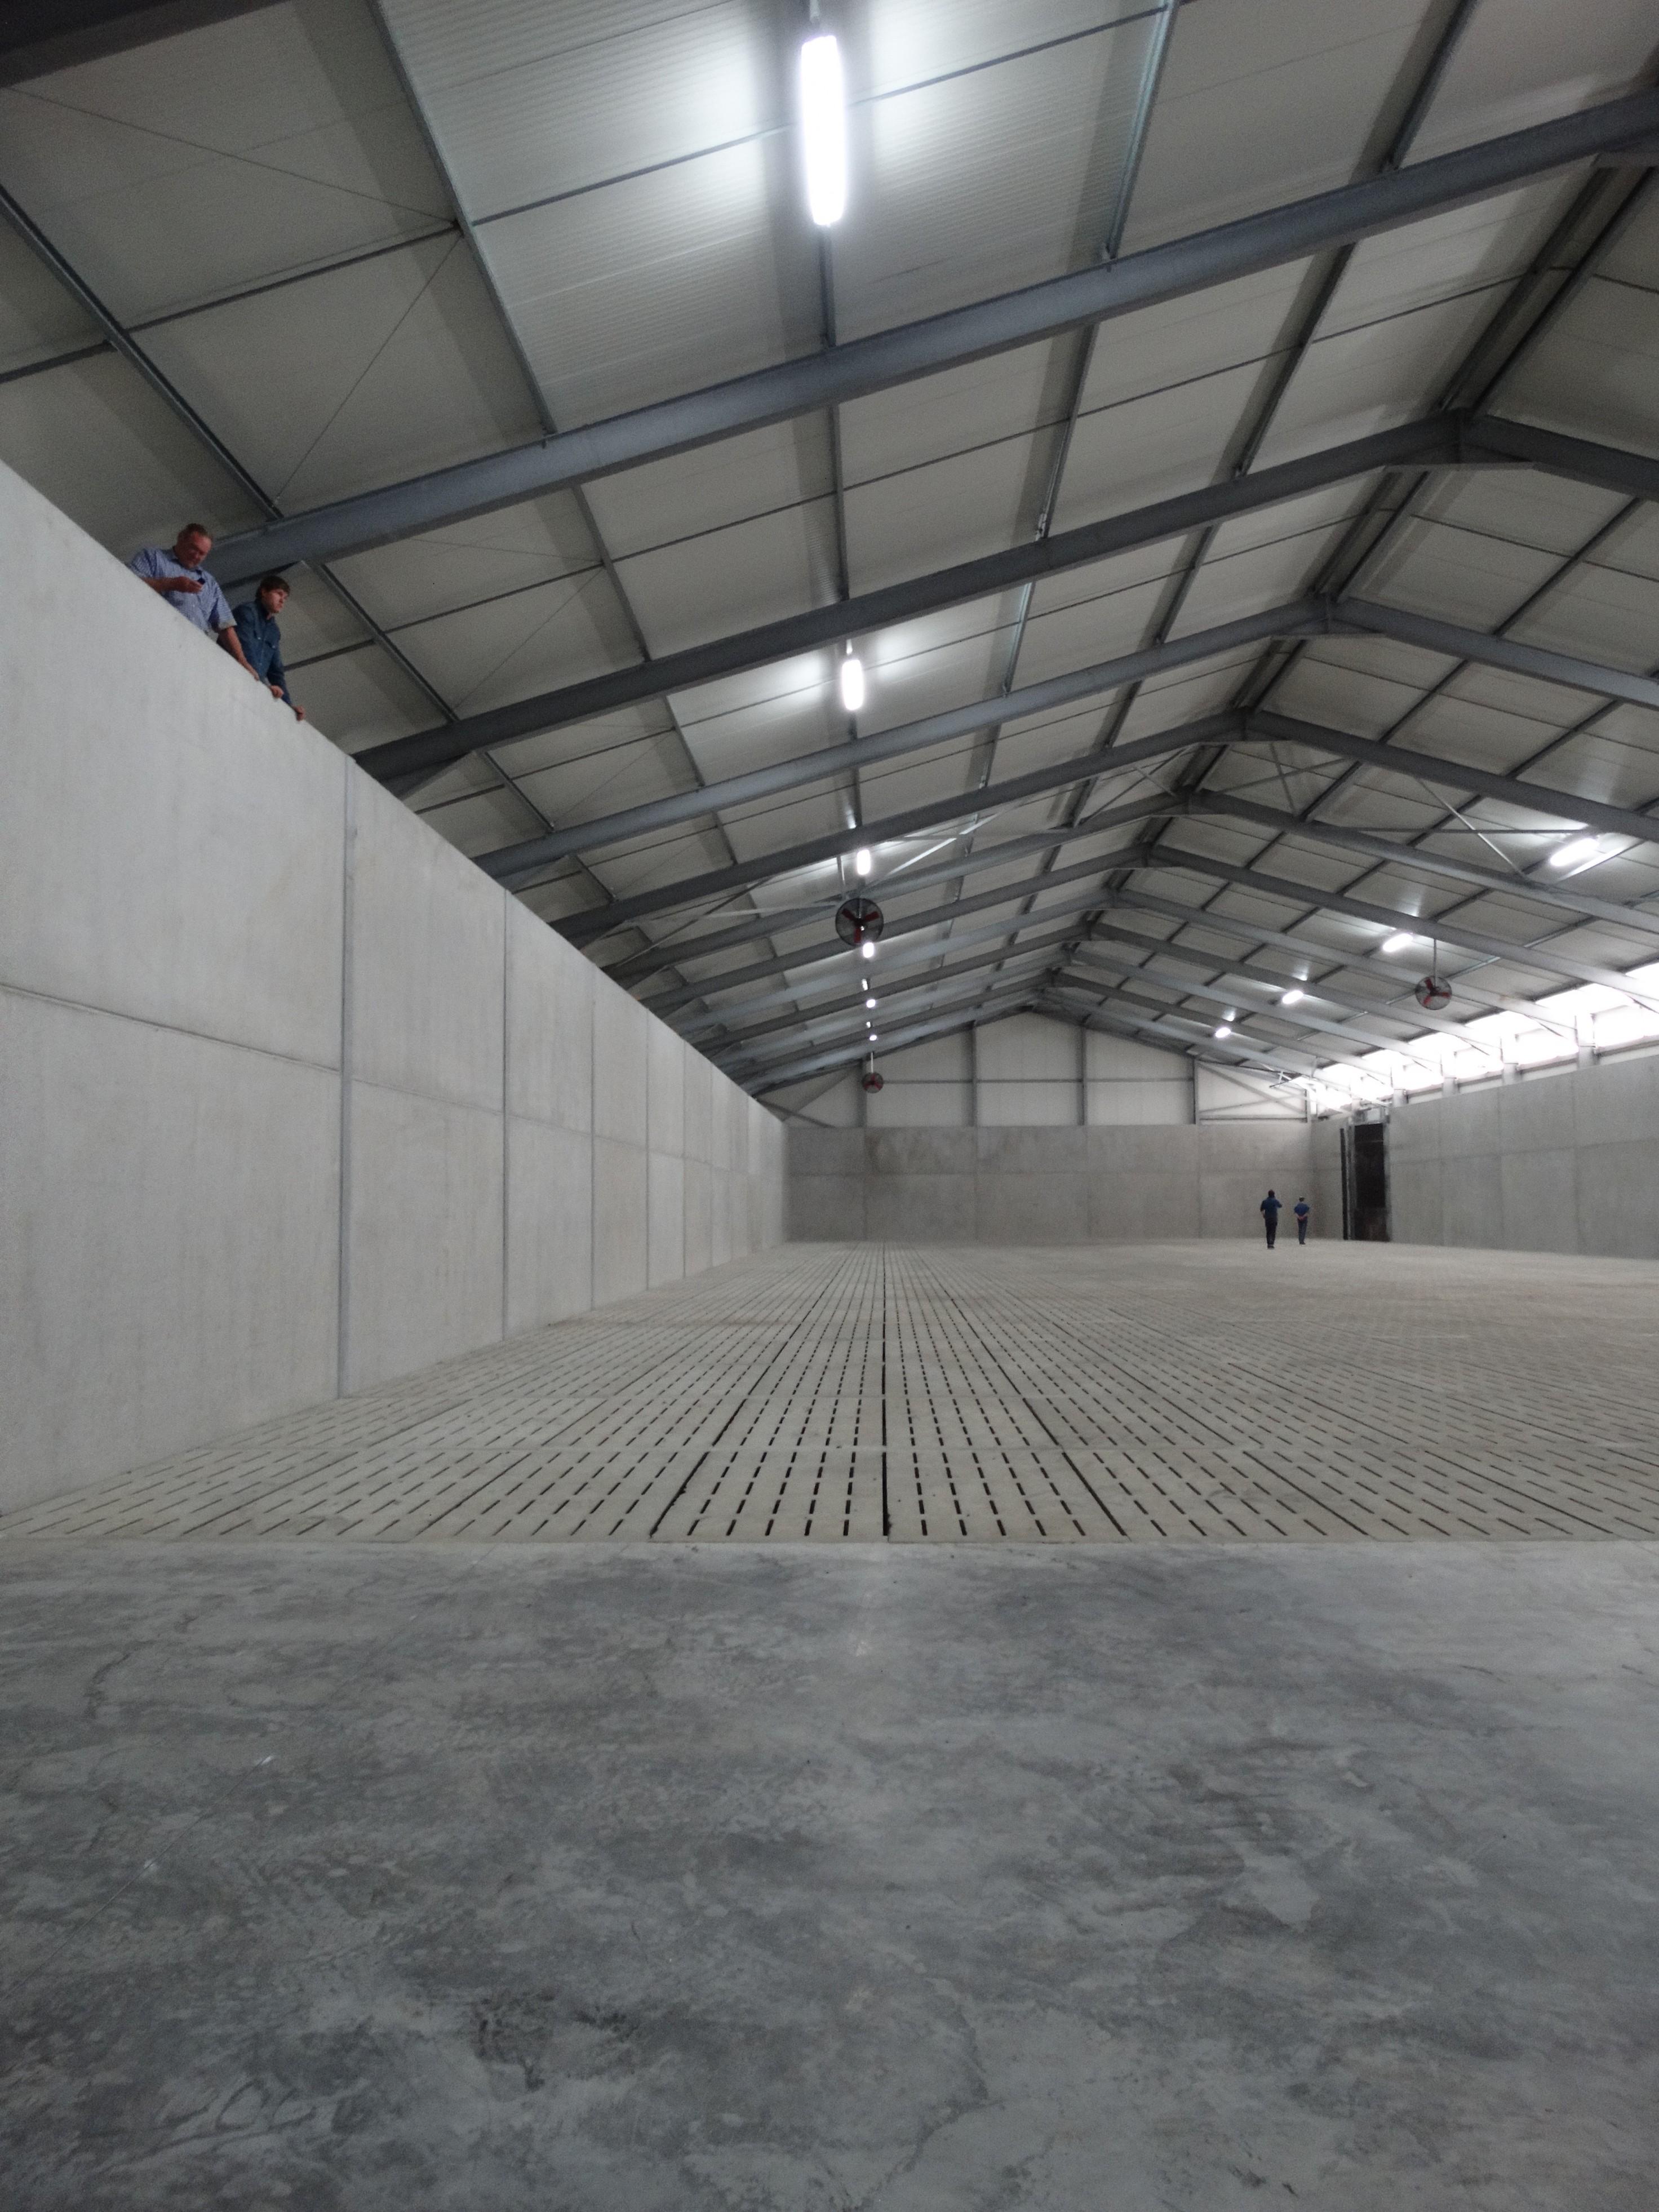 lefevre-Rosseignies-aardappelloods_hangar stockage pommes de terre (2)